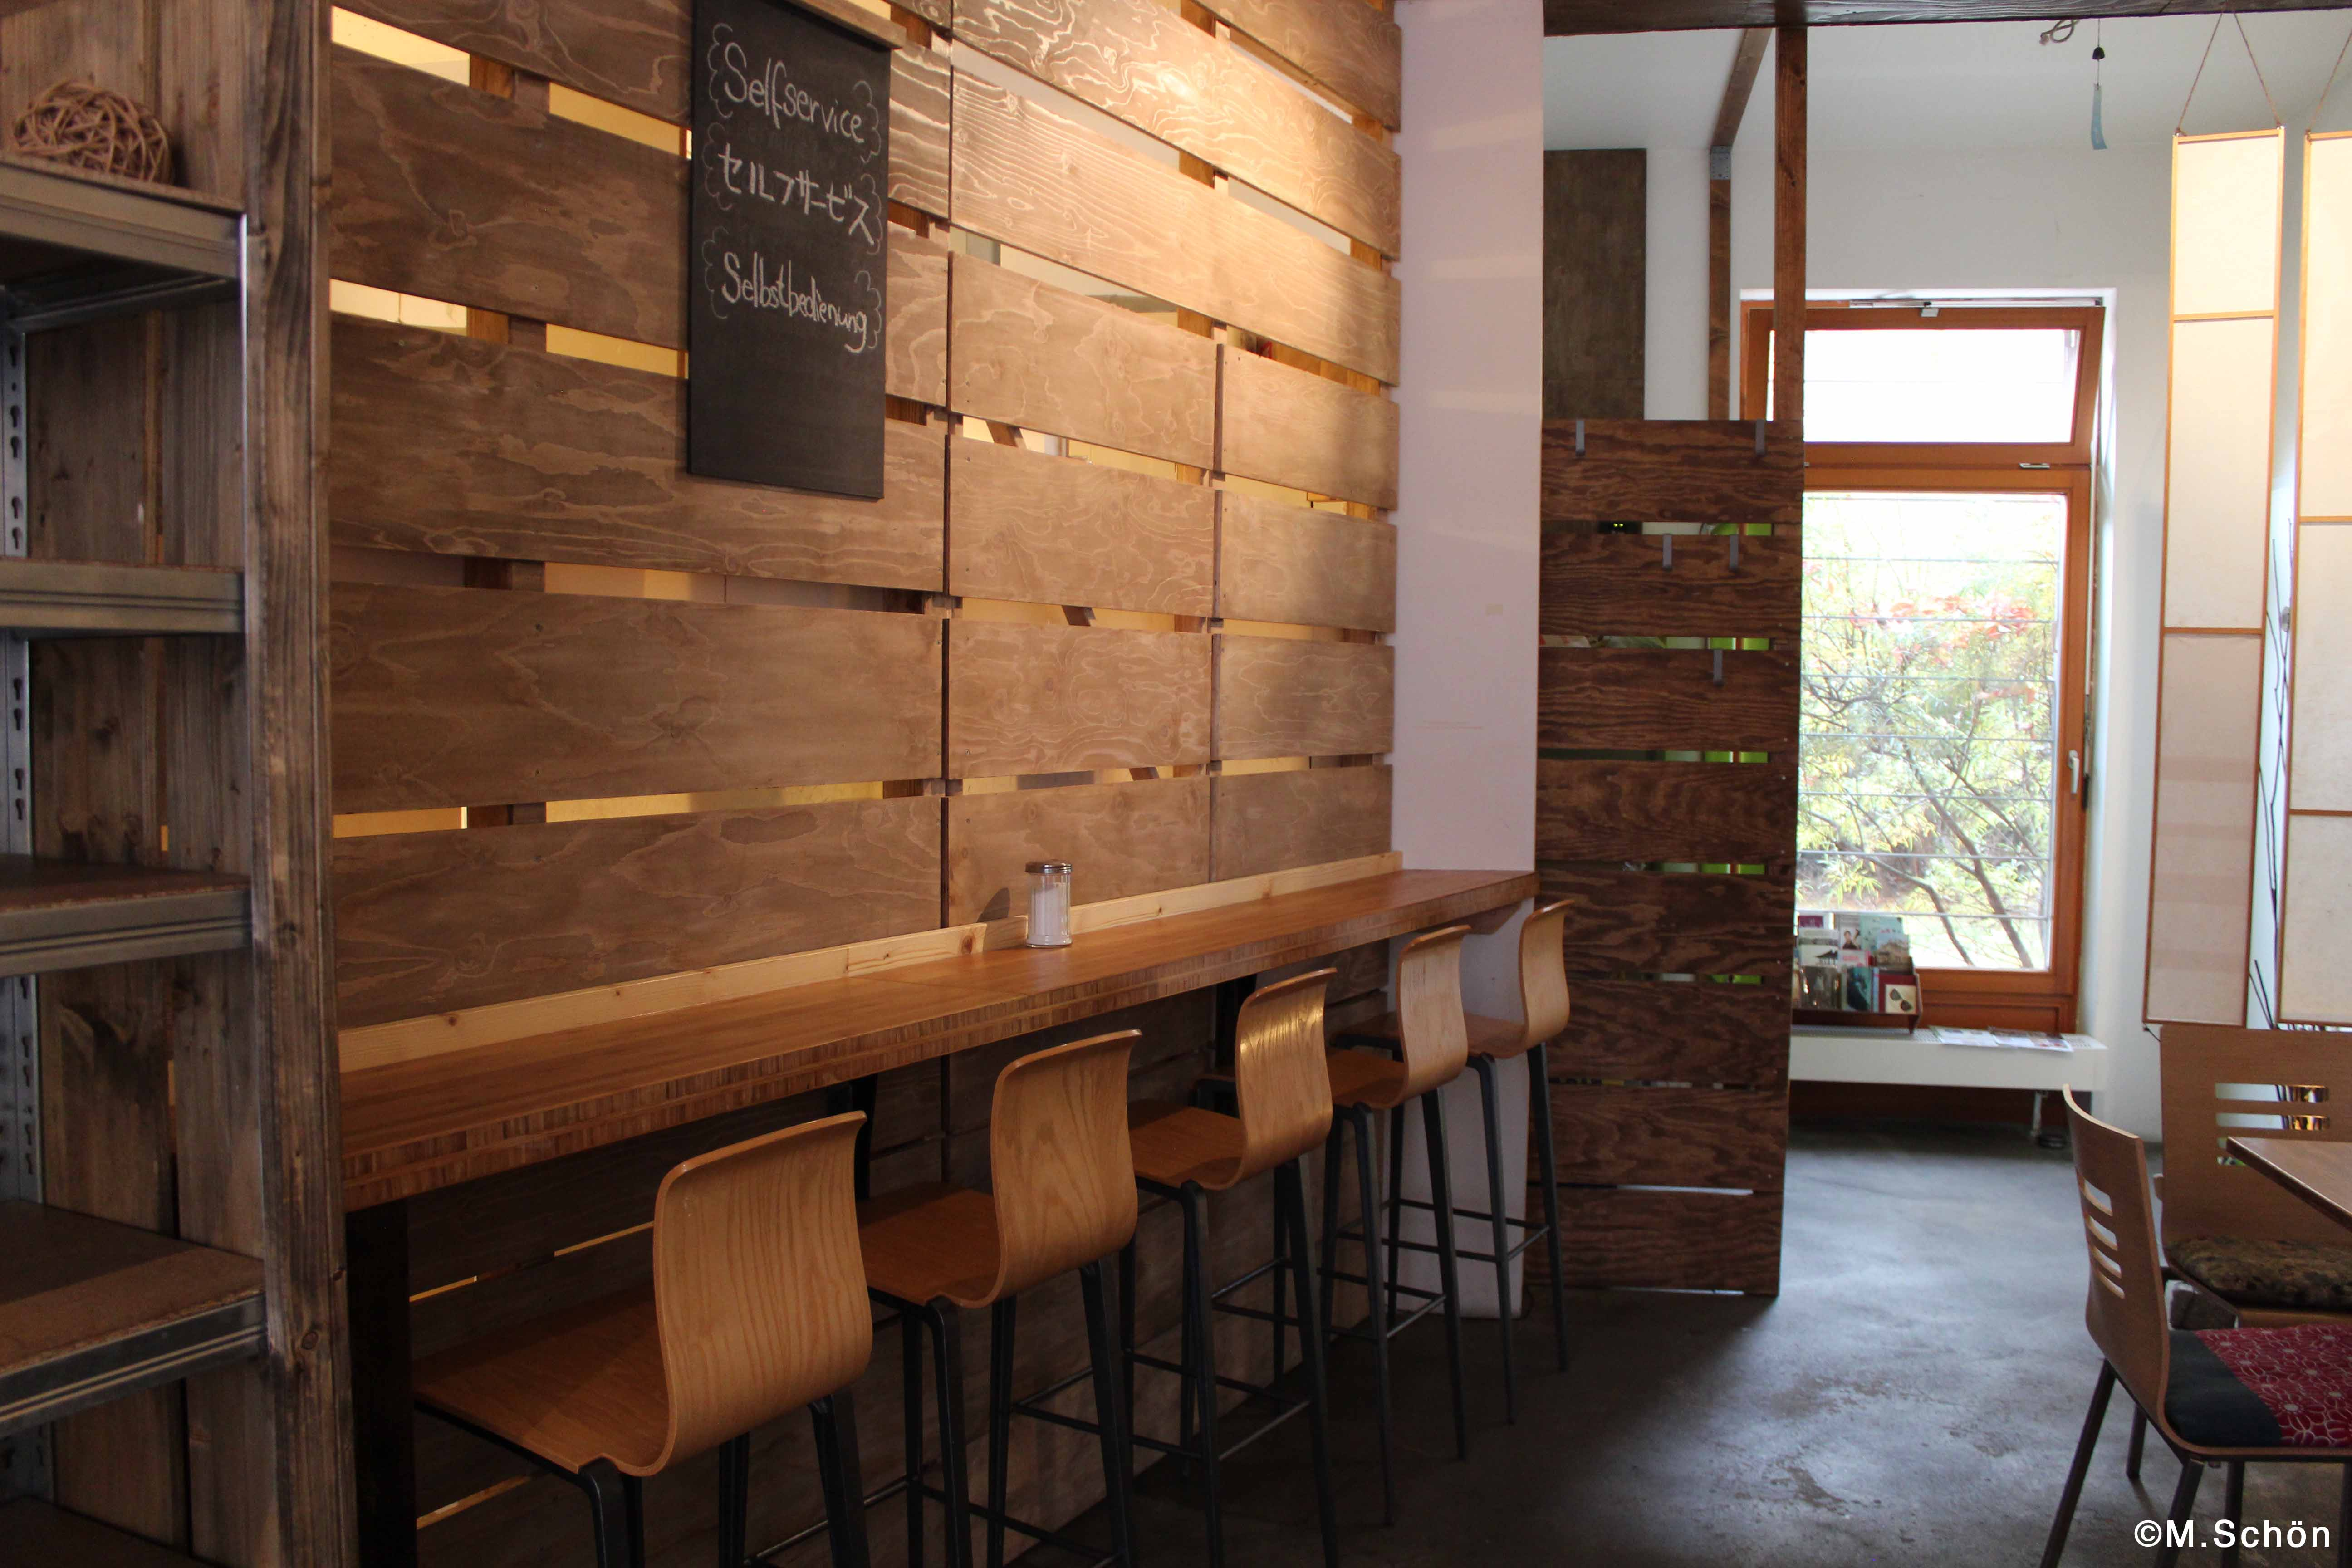 Gemütlich Schaffen Küche Tee Einladungen Fotos - Küche Set Ideen ...